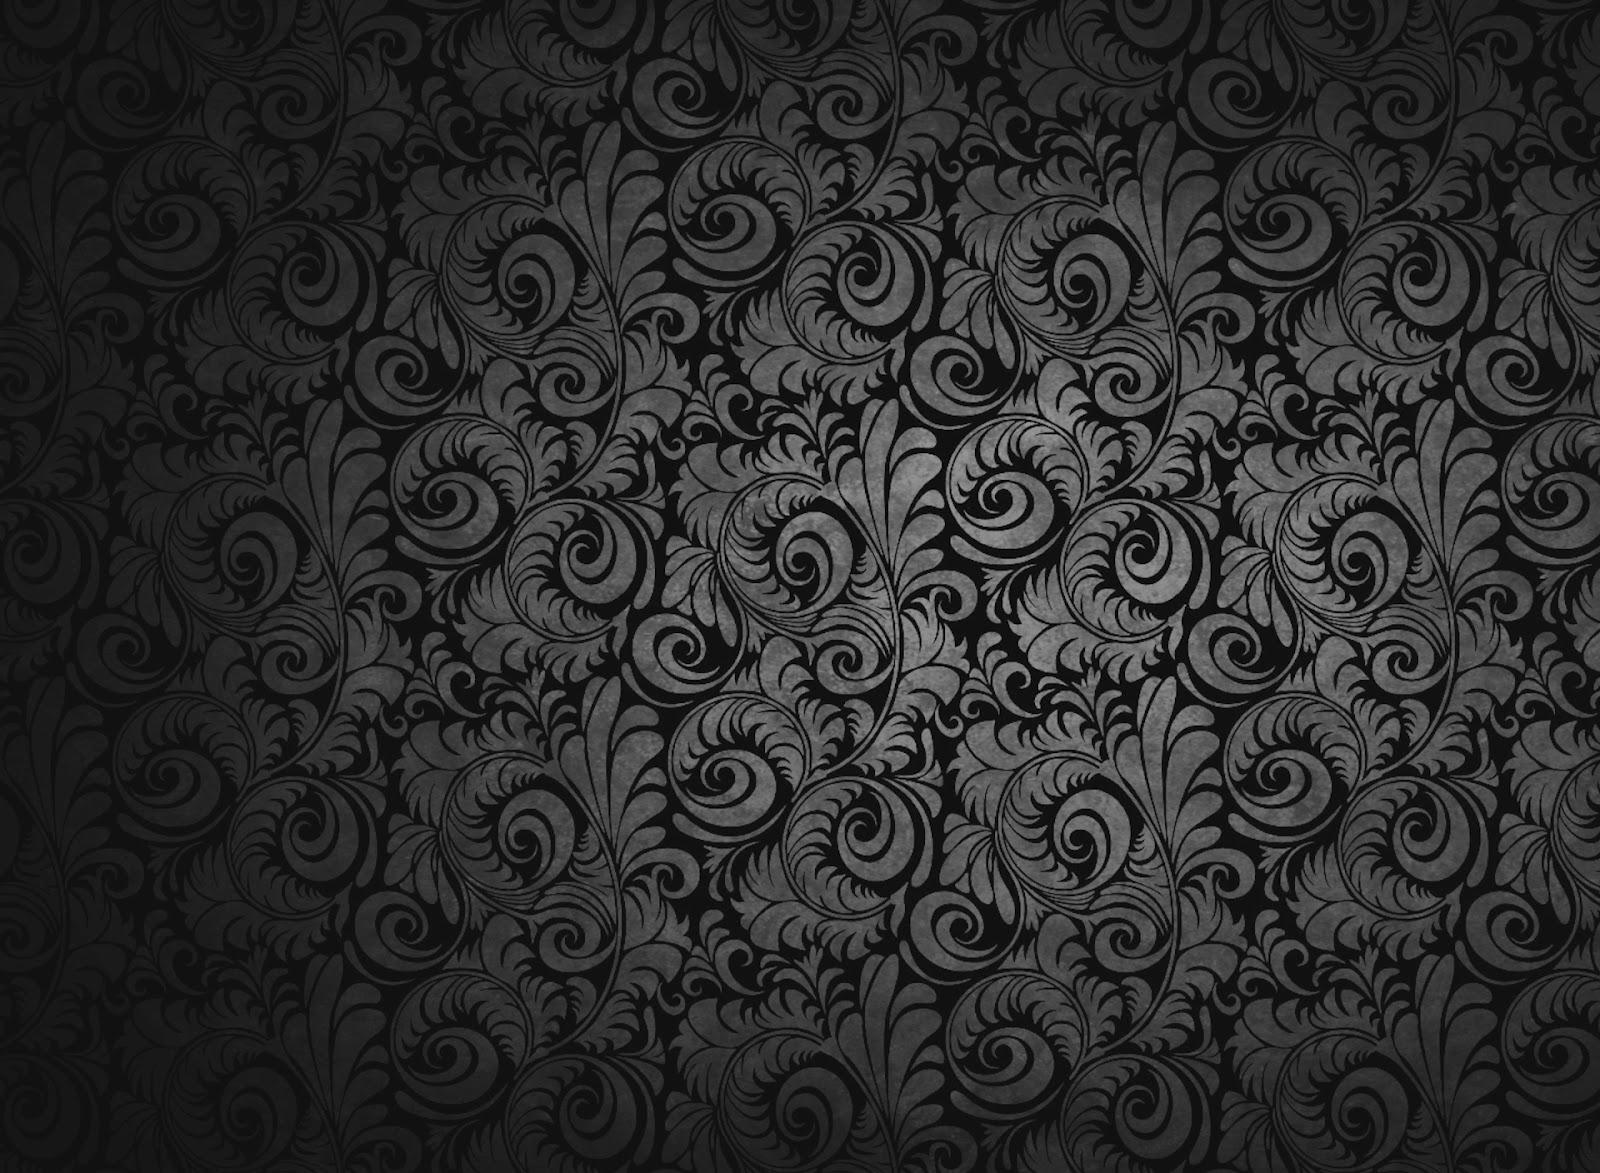 Good Samsung Tablet Wallpaper - dark-fractal-wallpaper-p104_1920x1408  Snapshot_259296.jpg